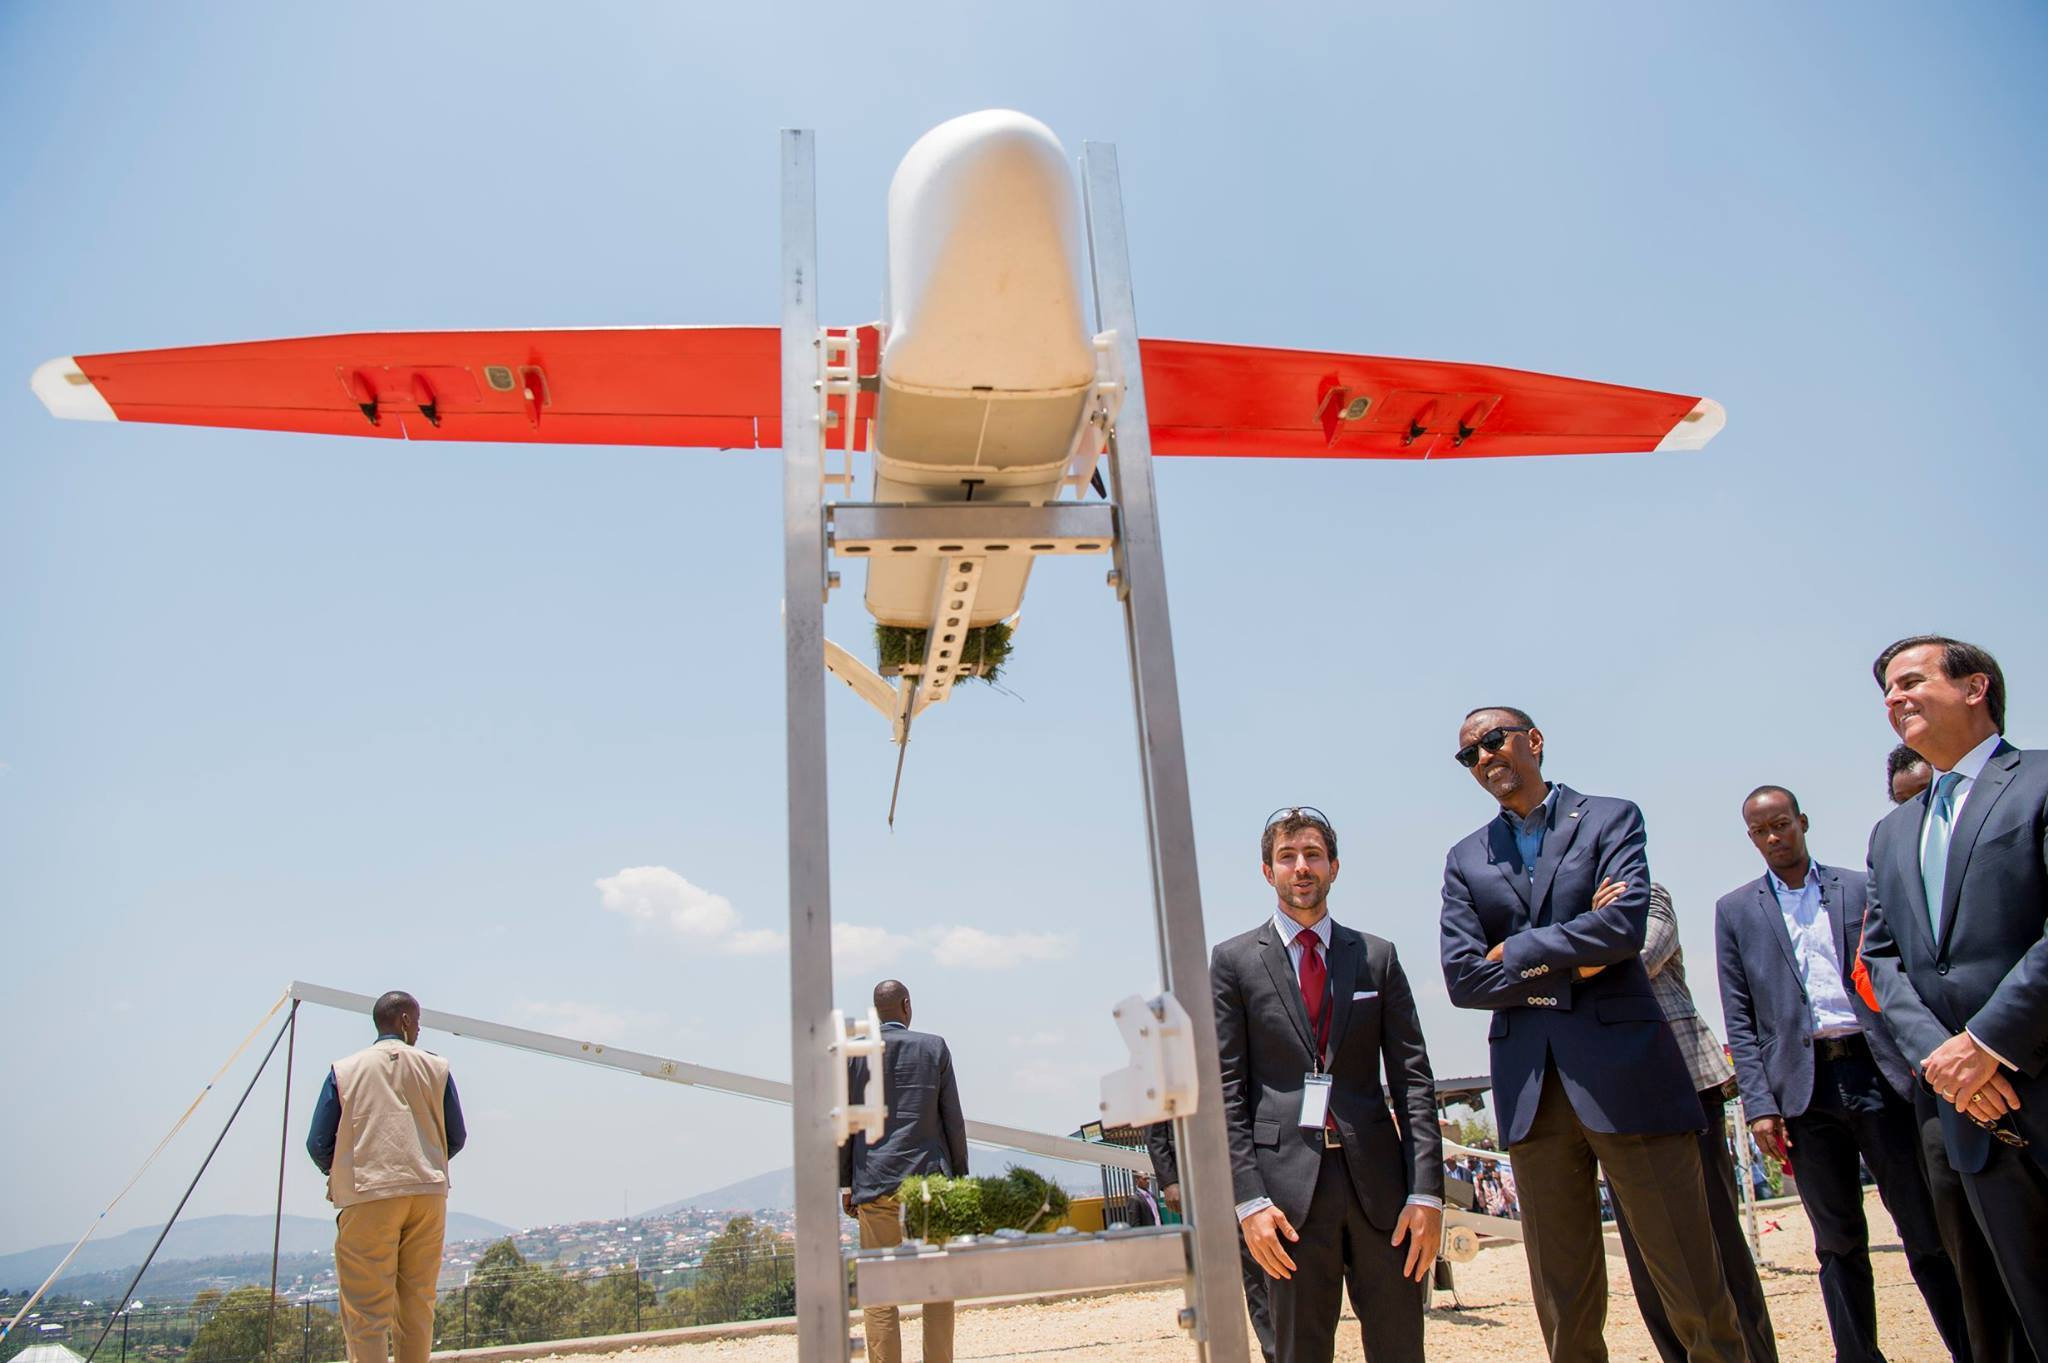 Zipline to start assembling drones in Rwanda